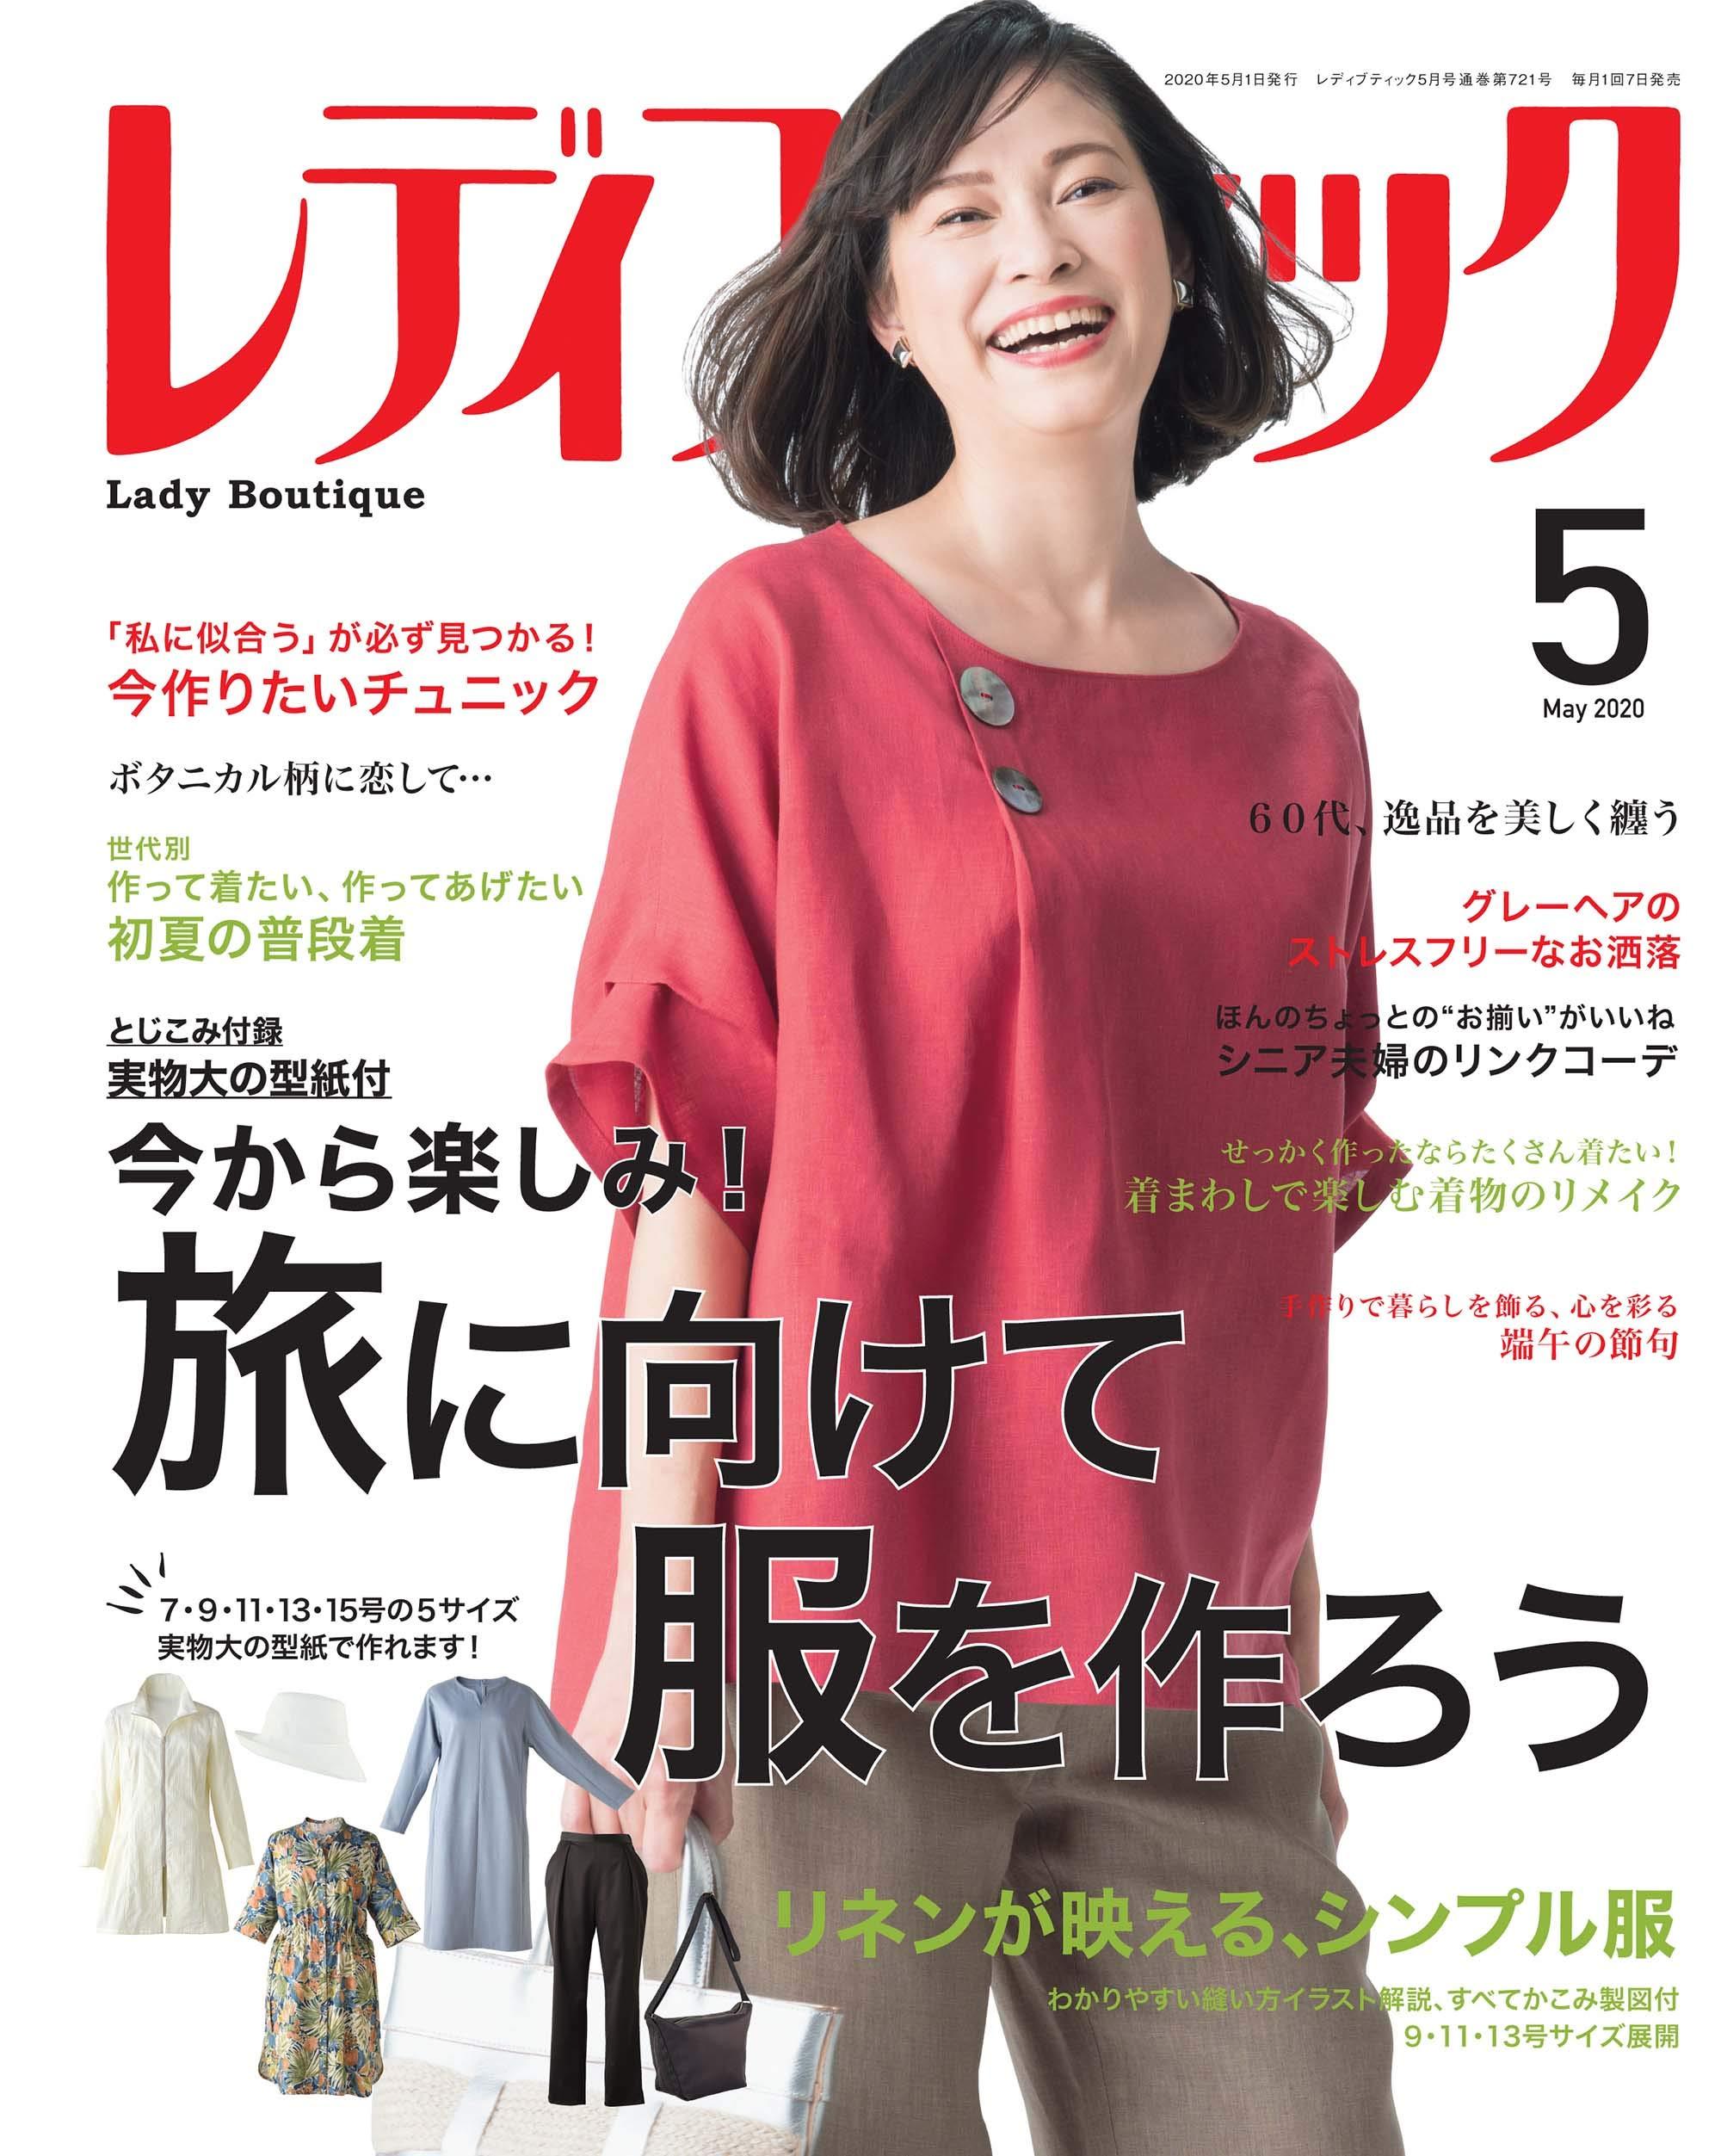 Lady Boutique May 2020 (Japanese magazine)